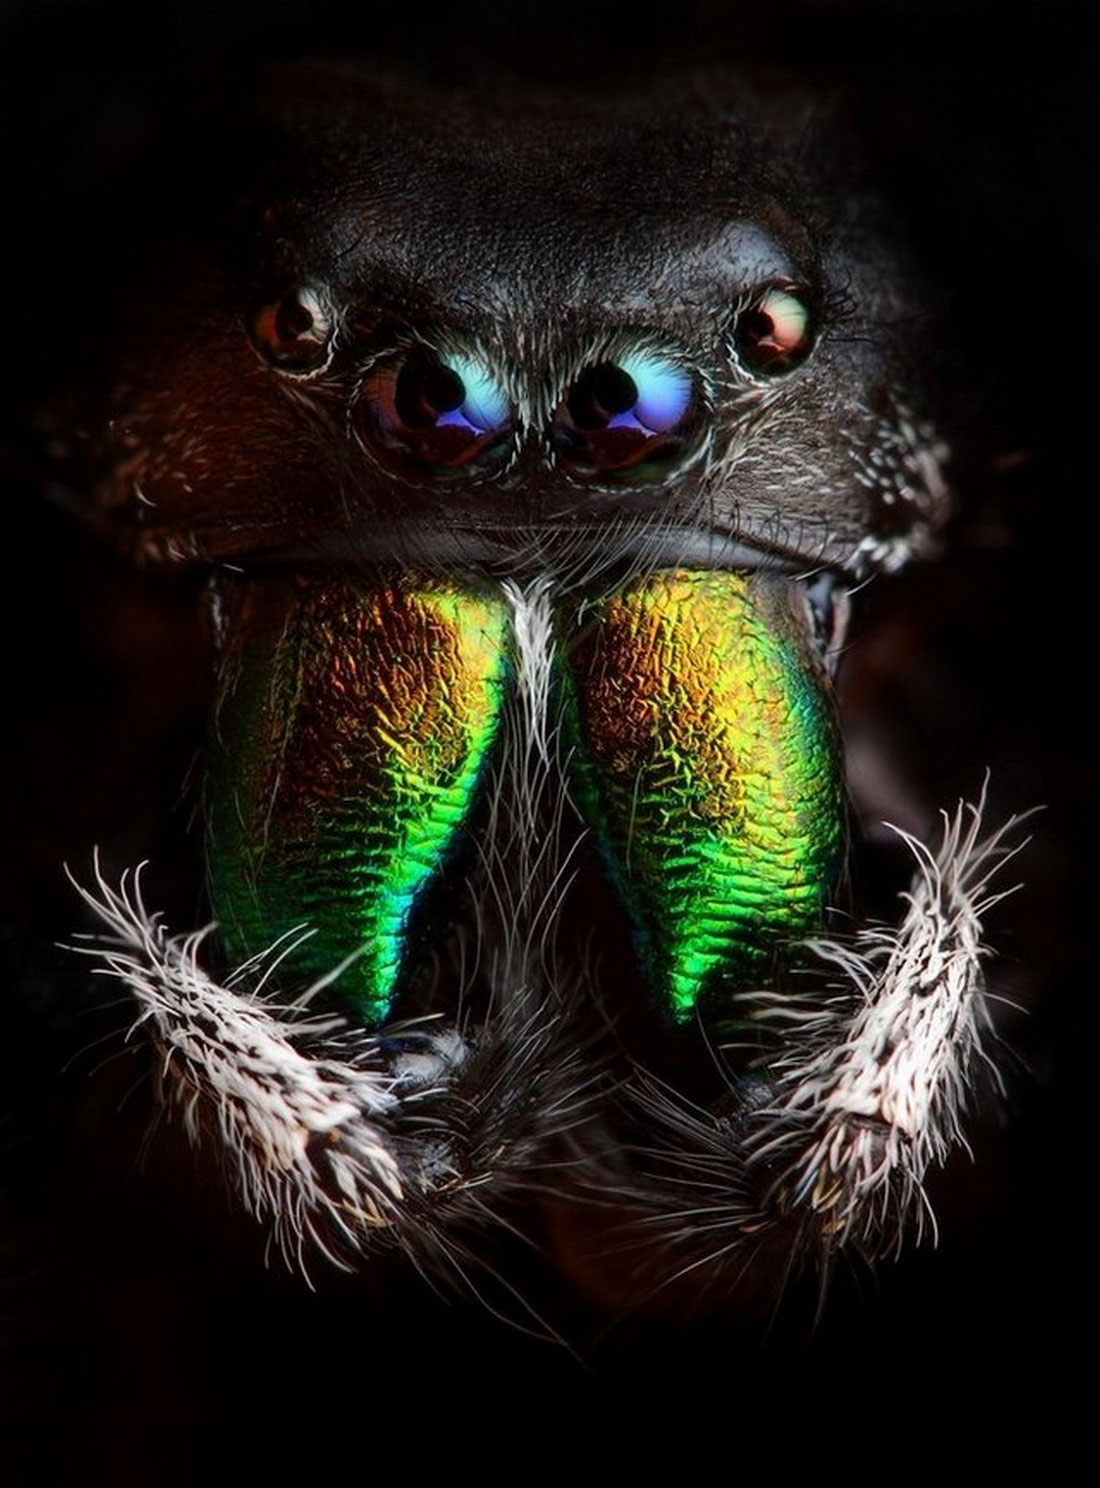 паук скачущий, фото